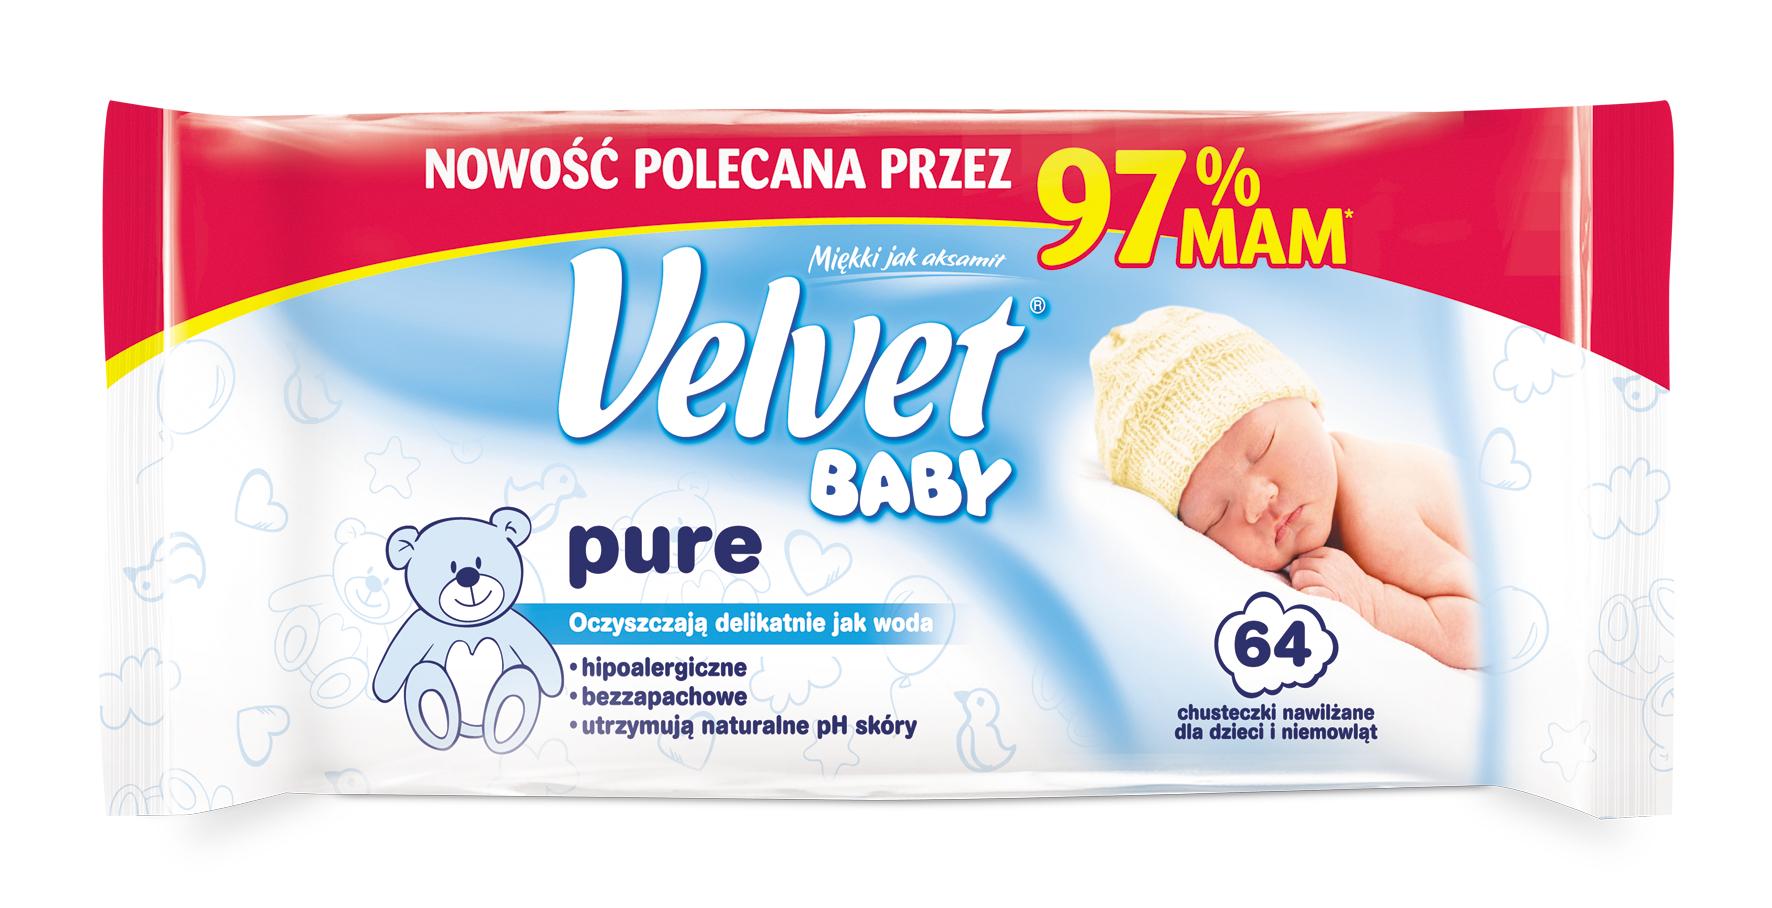 Chusteczki nawilżane dla dzieci i niemowląt VELVET BABY Pure i Sensitive